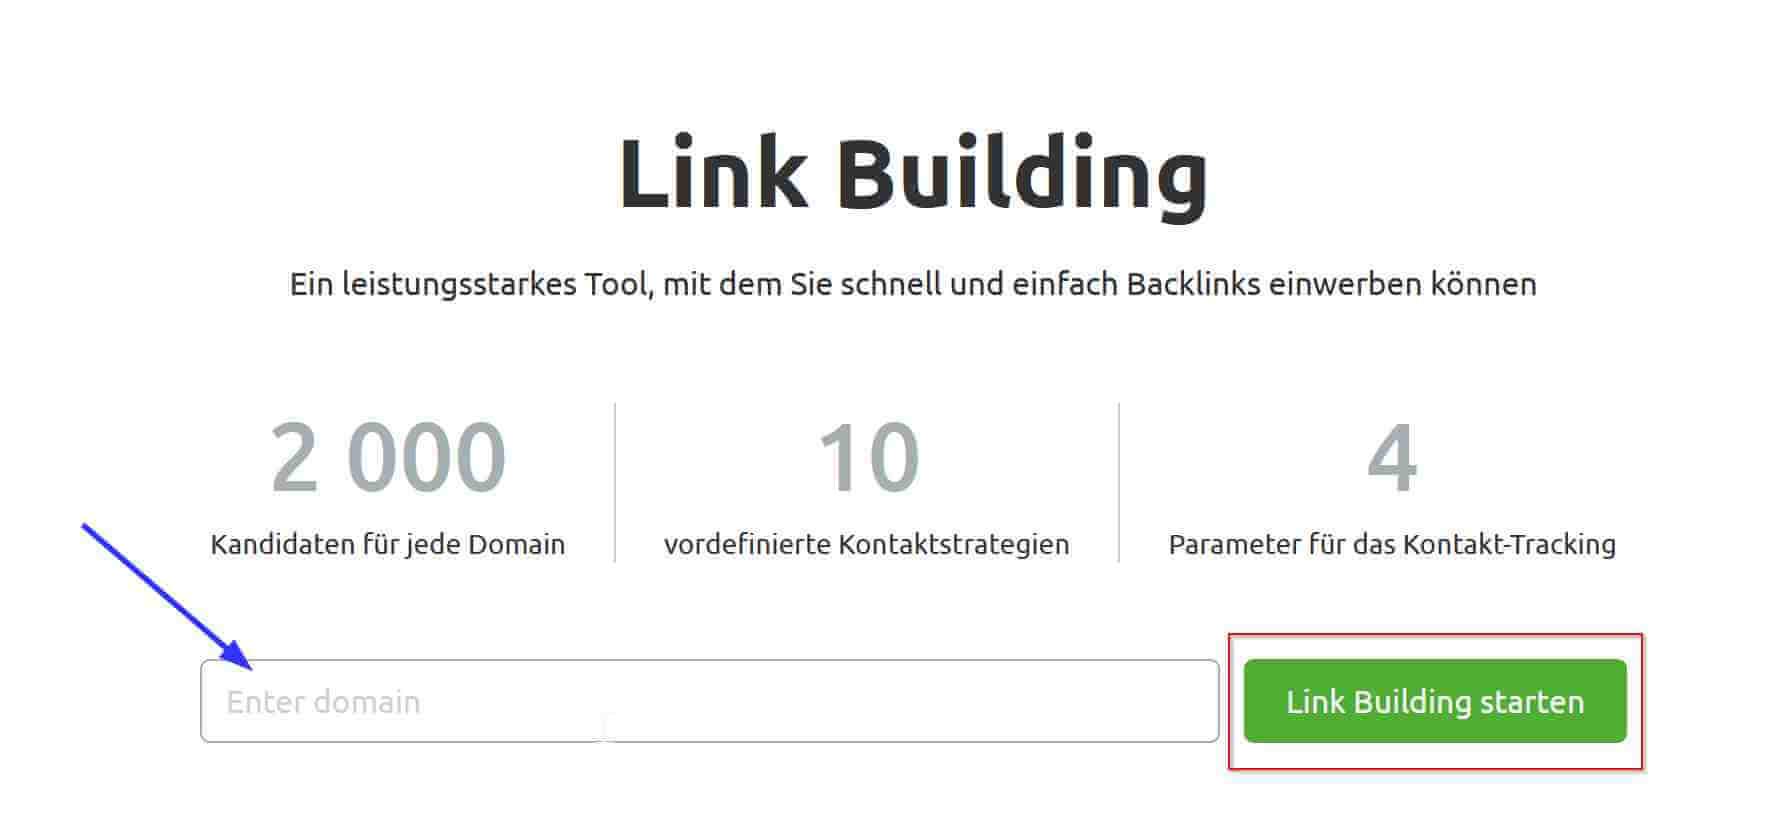 Link Bulding Tool Schritt 1